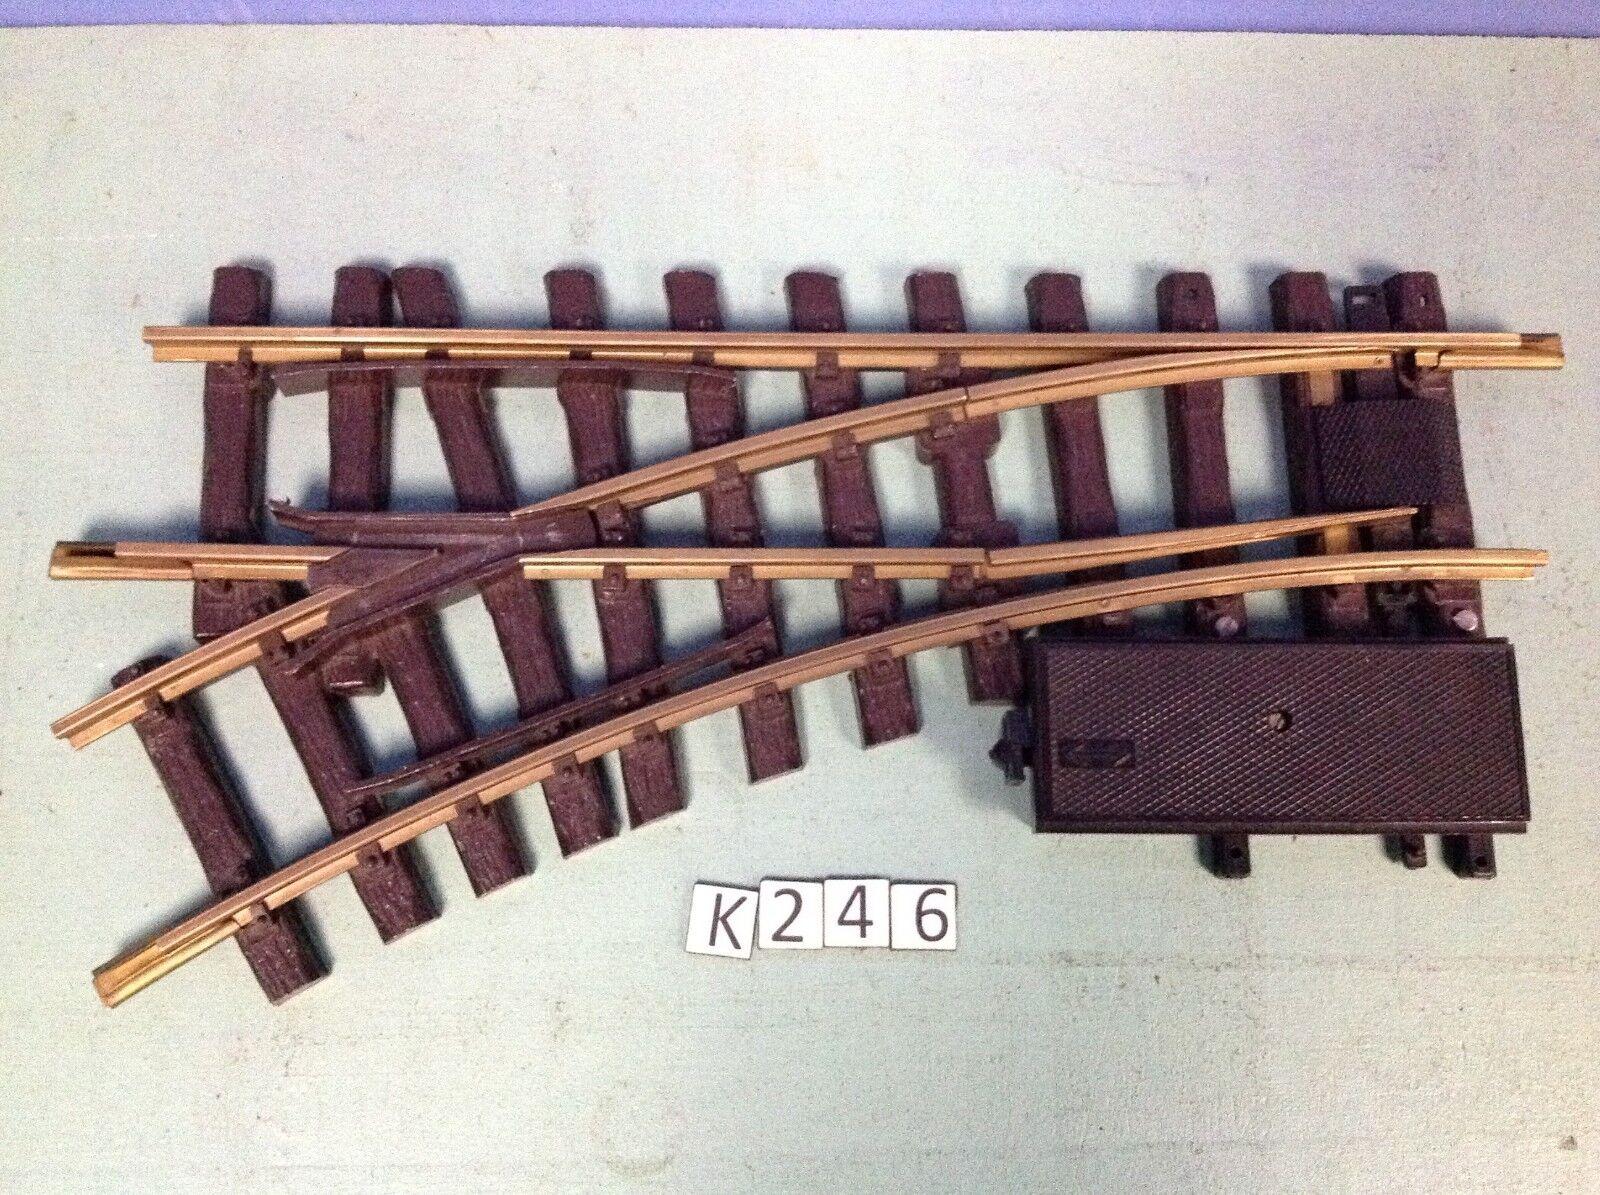 (K246) playmobil 1 aiguillage électrique gauche  LGB train wagon ref 4553  tutti i prodotti ottengono fino al 34% di sconto